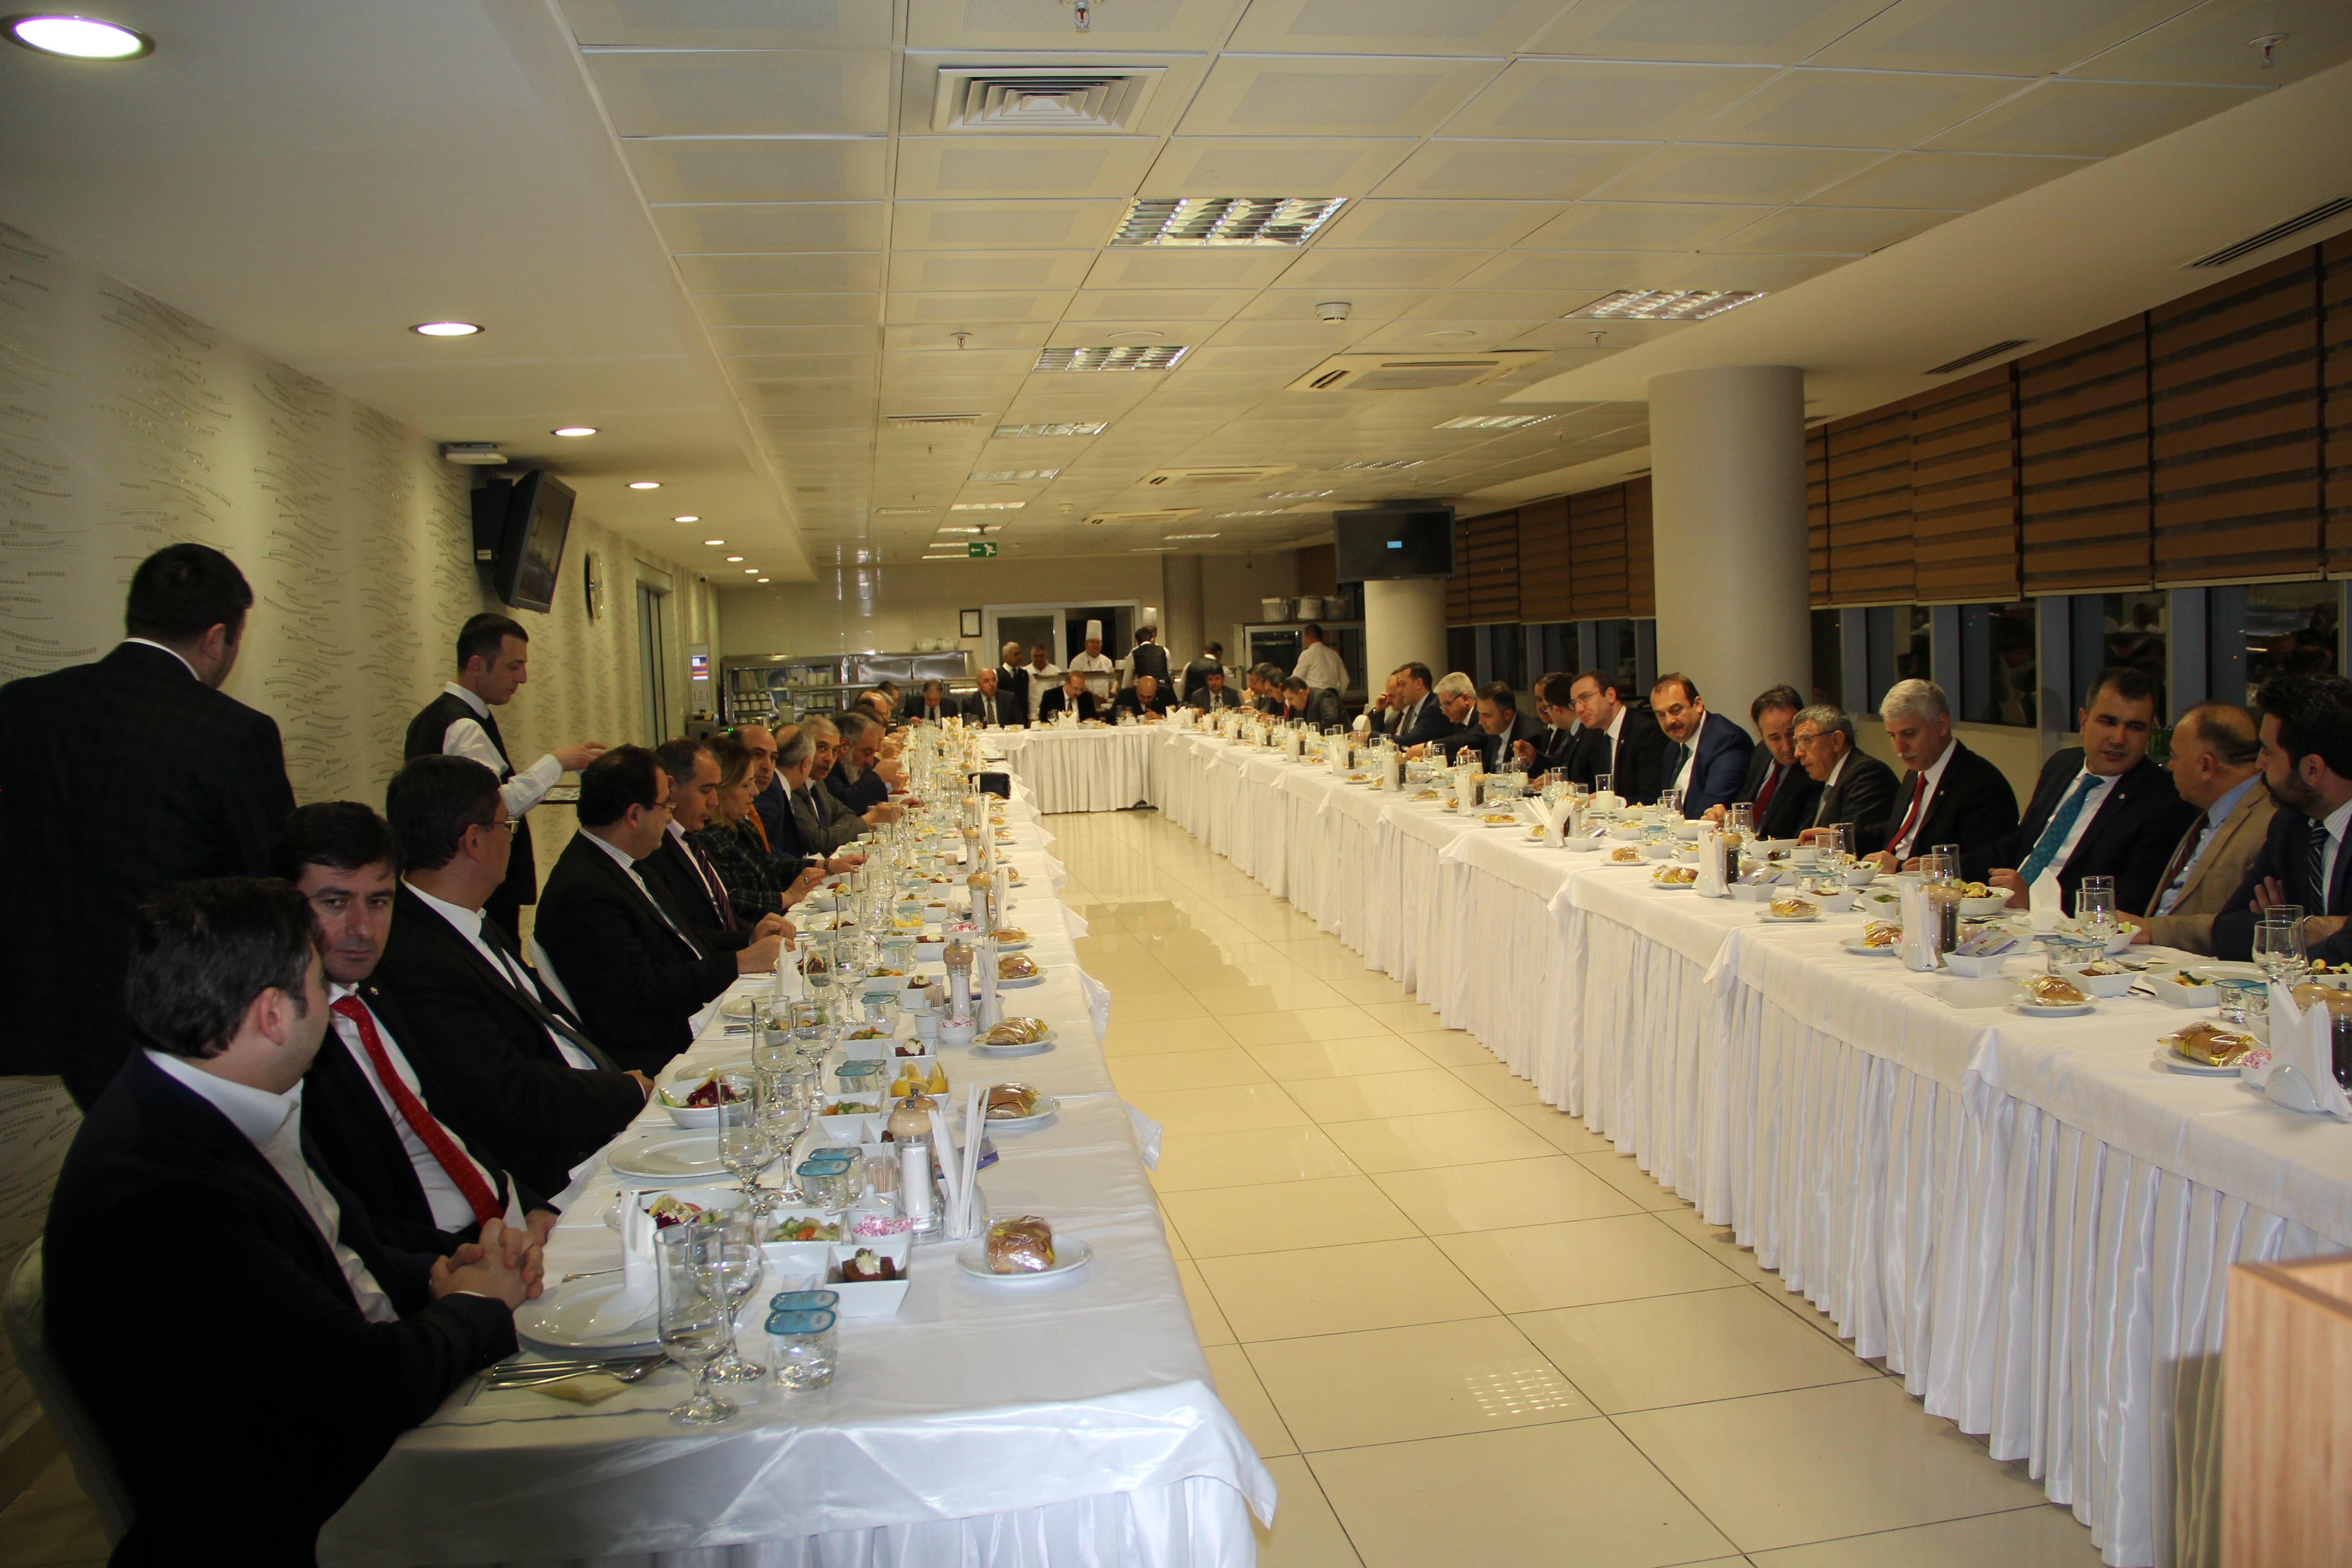 Kurumlararası Diyaloğu Geliştirme Toplantısı – ETİ MADEN İŞLETMELERİ Genel Müdürlüğü